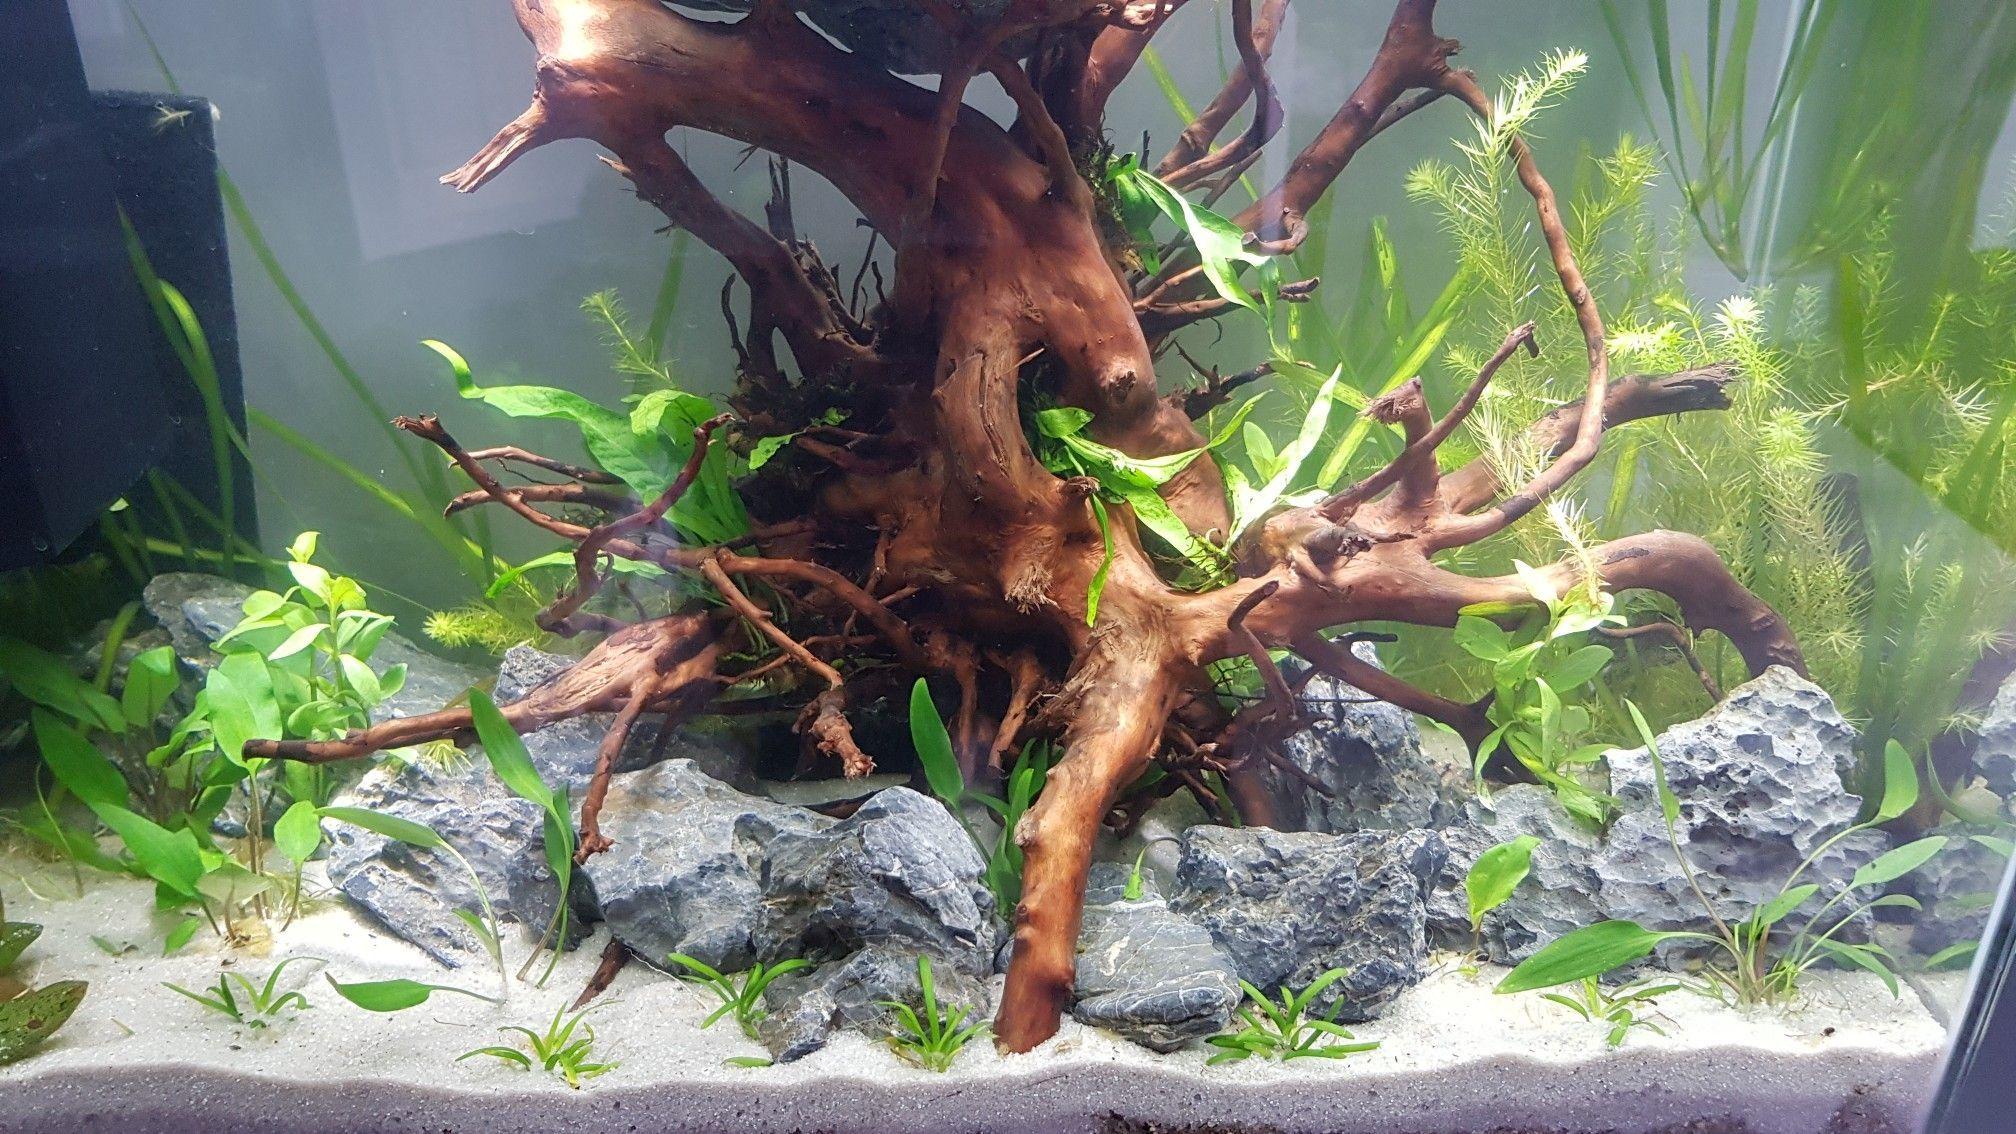 Amphibians Aquascape Design Ideas Aquascape Design Ideas Acuario Plantado Aquascaping Waterfall Aquascape Aqua In 2020 Diy Fish Tank Betta Fish Tank Aquascape